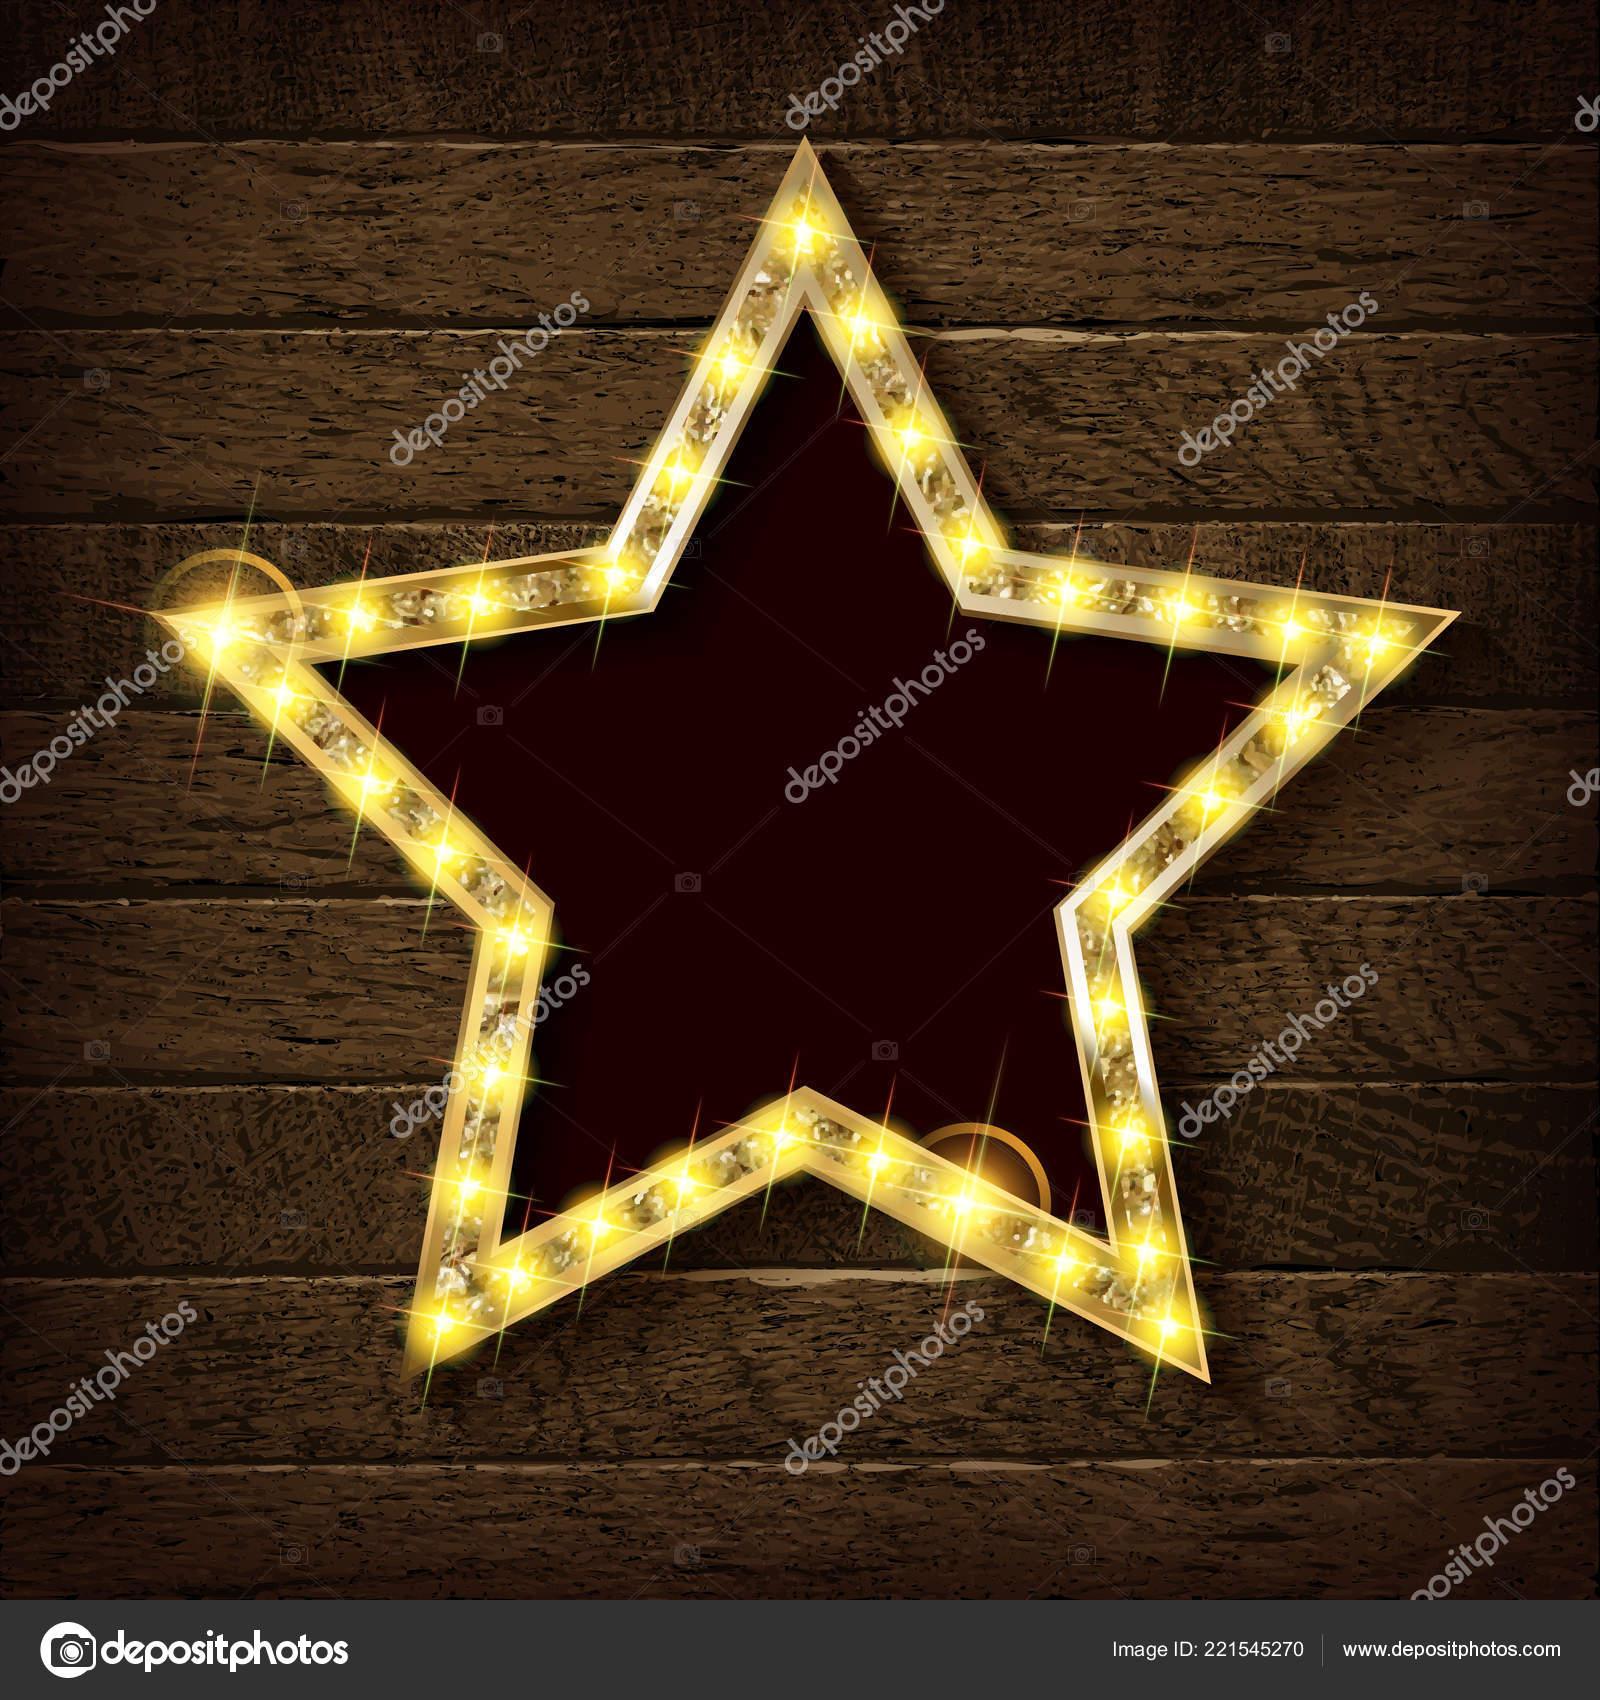 Grote Houten Sterren.Grote Houten Ster Met Een Groot Aantal Lichten Zijn Verlicht